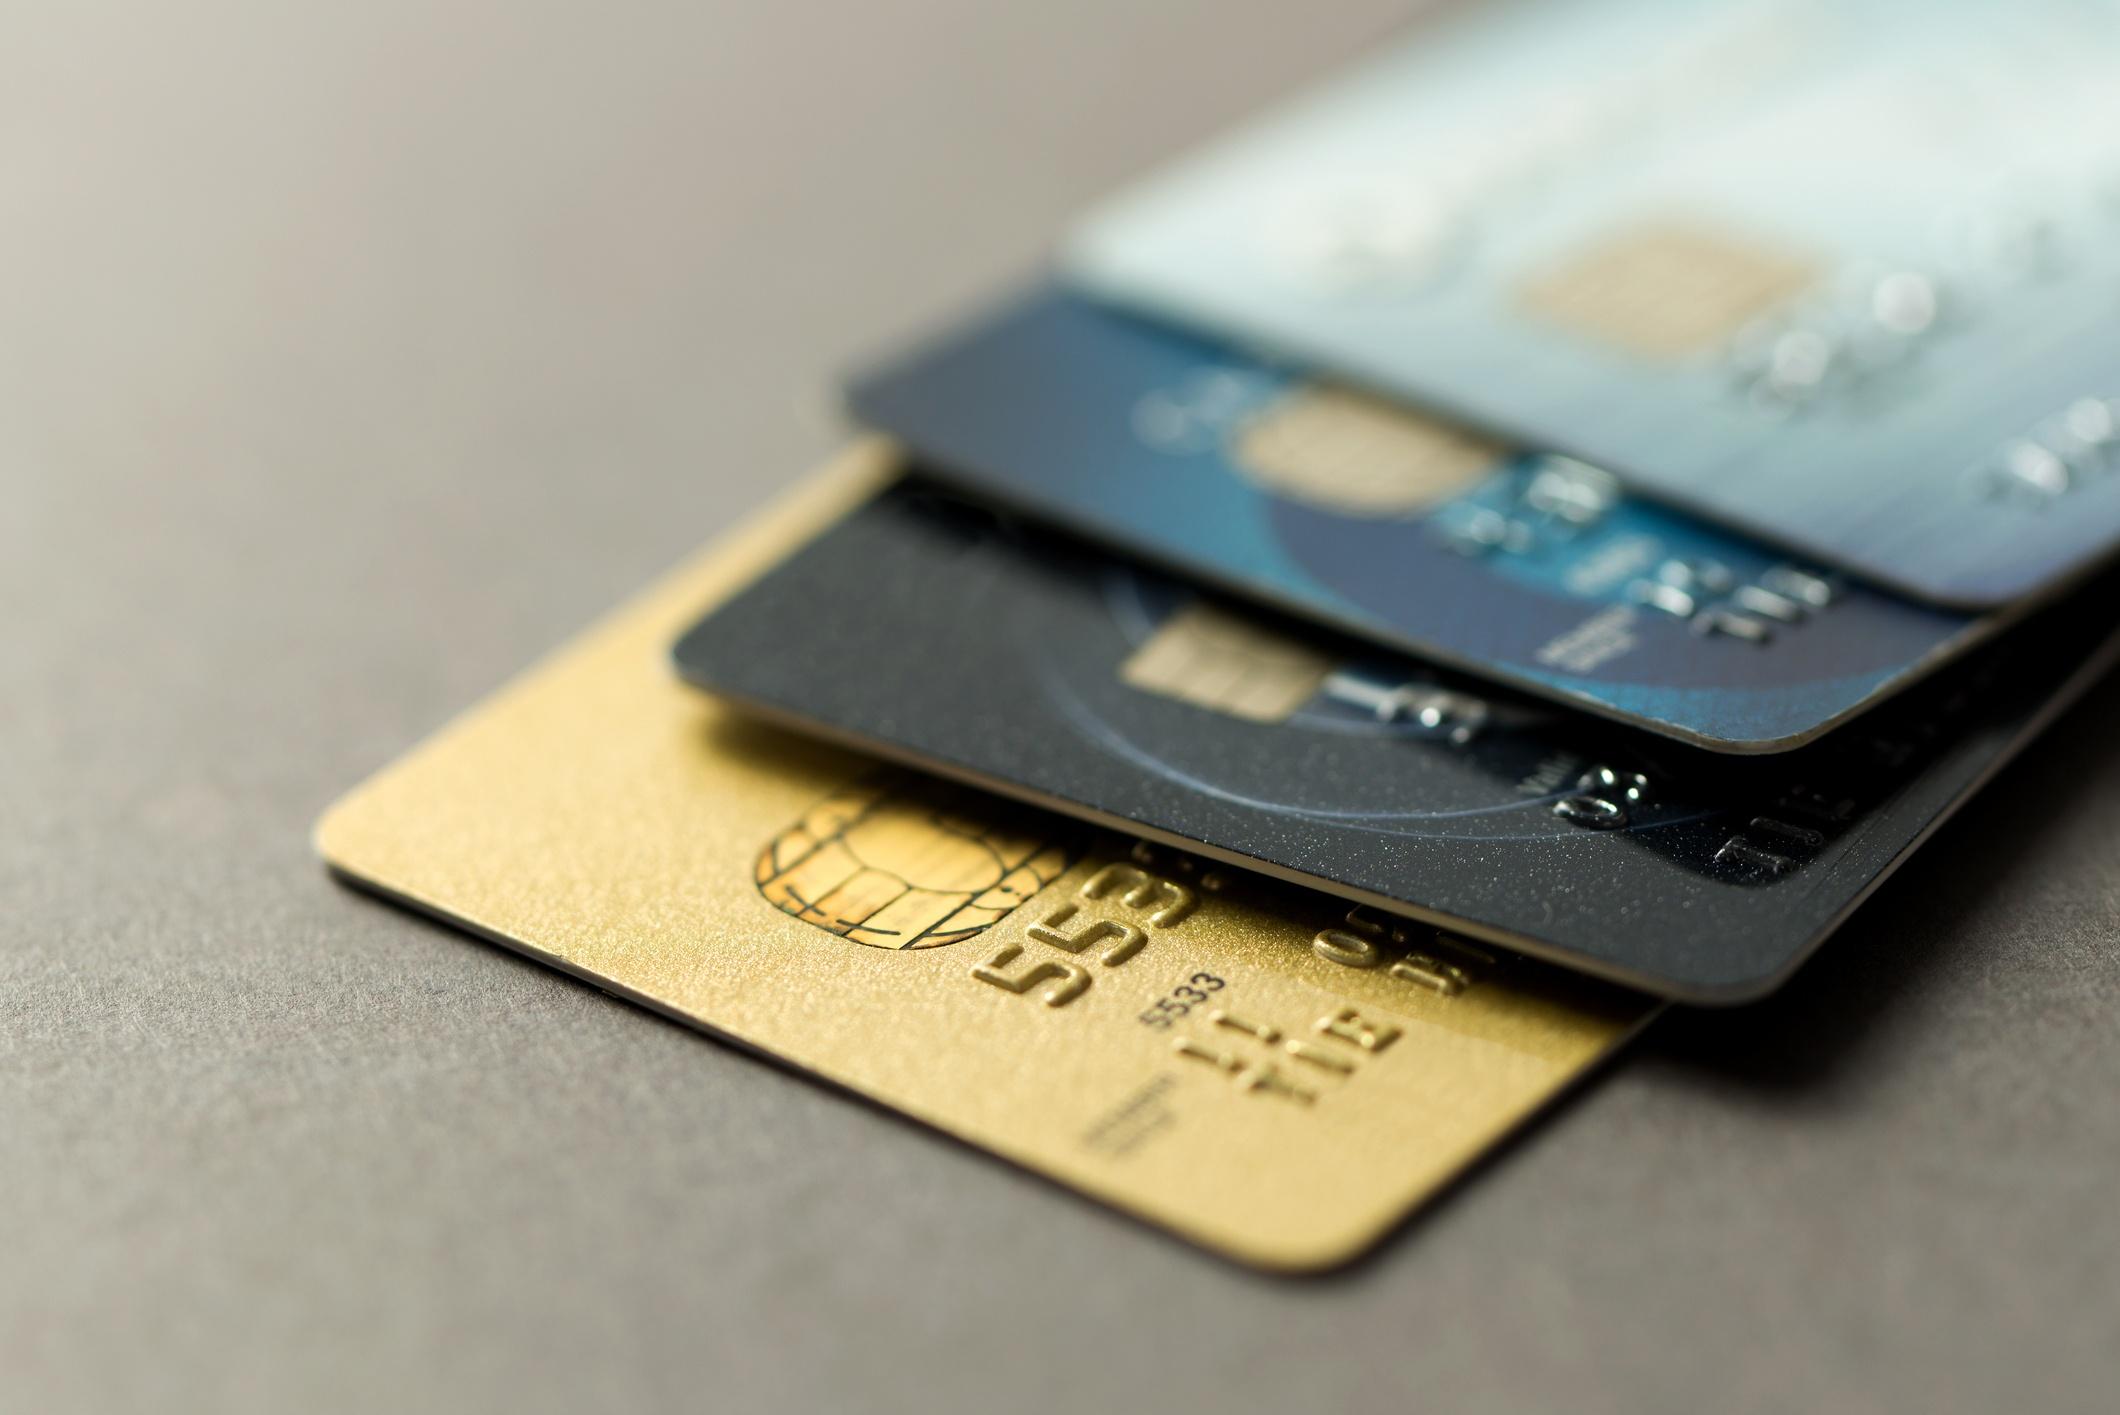 fraude au programme de produits prépayés